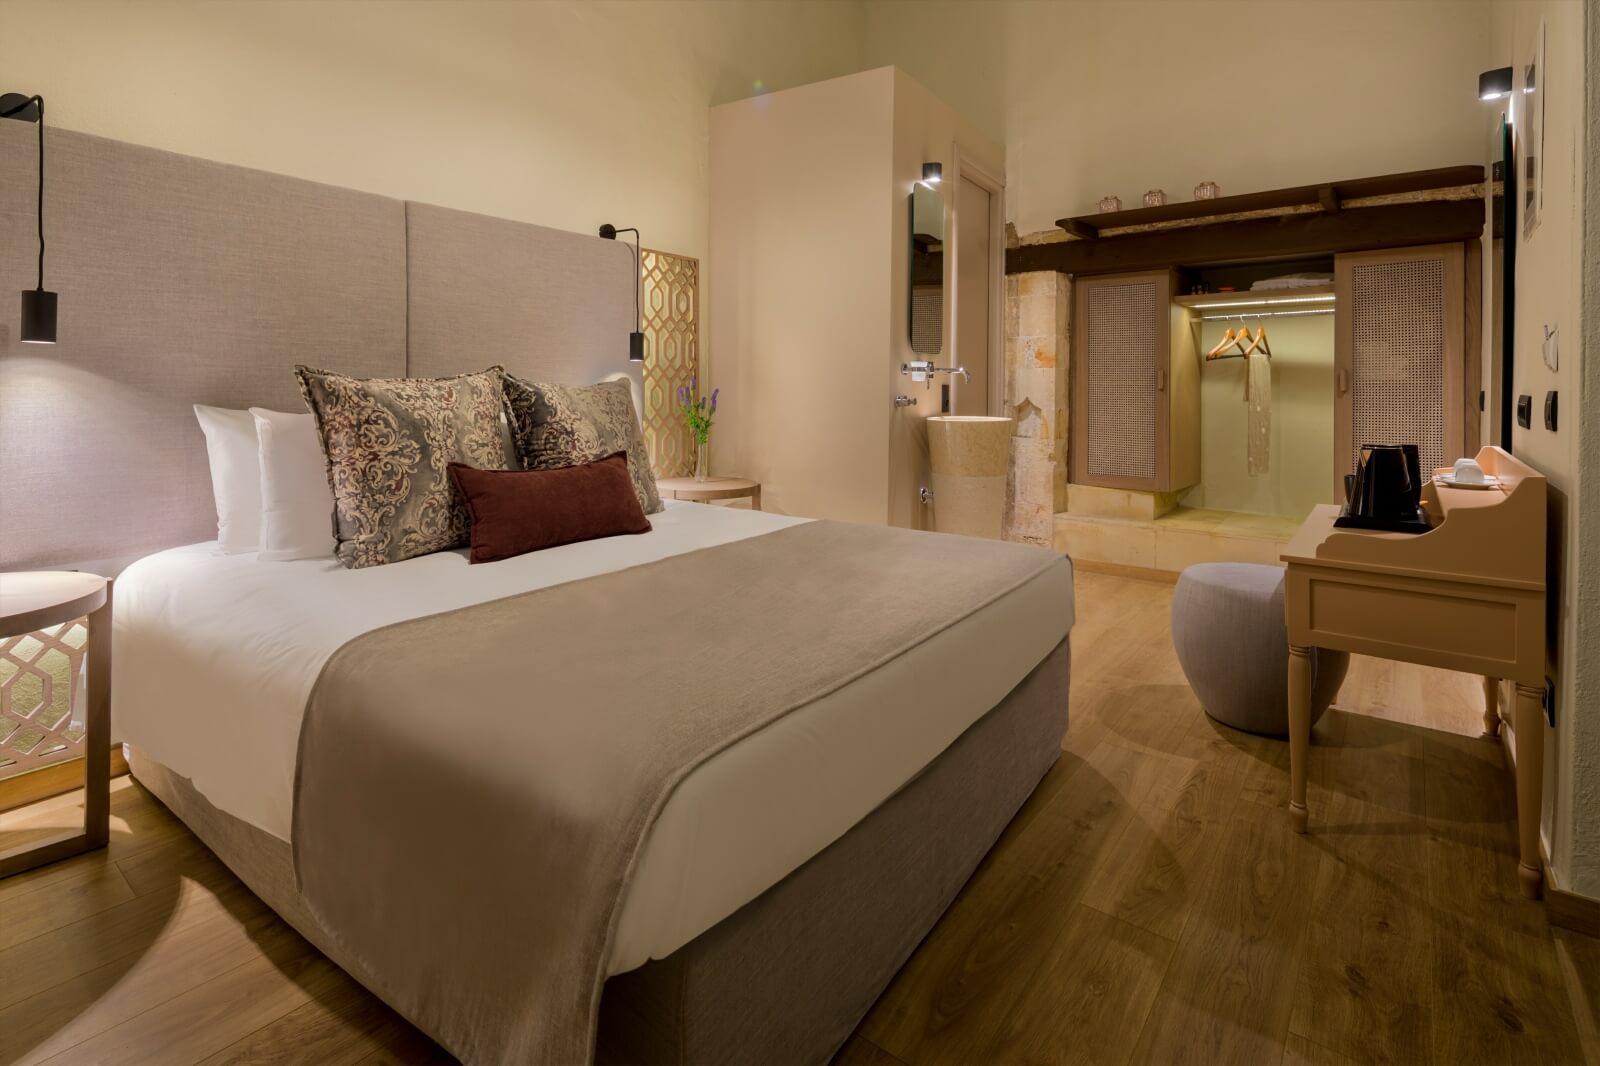 Contessa Hotel Double Economy rooms